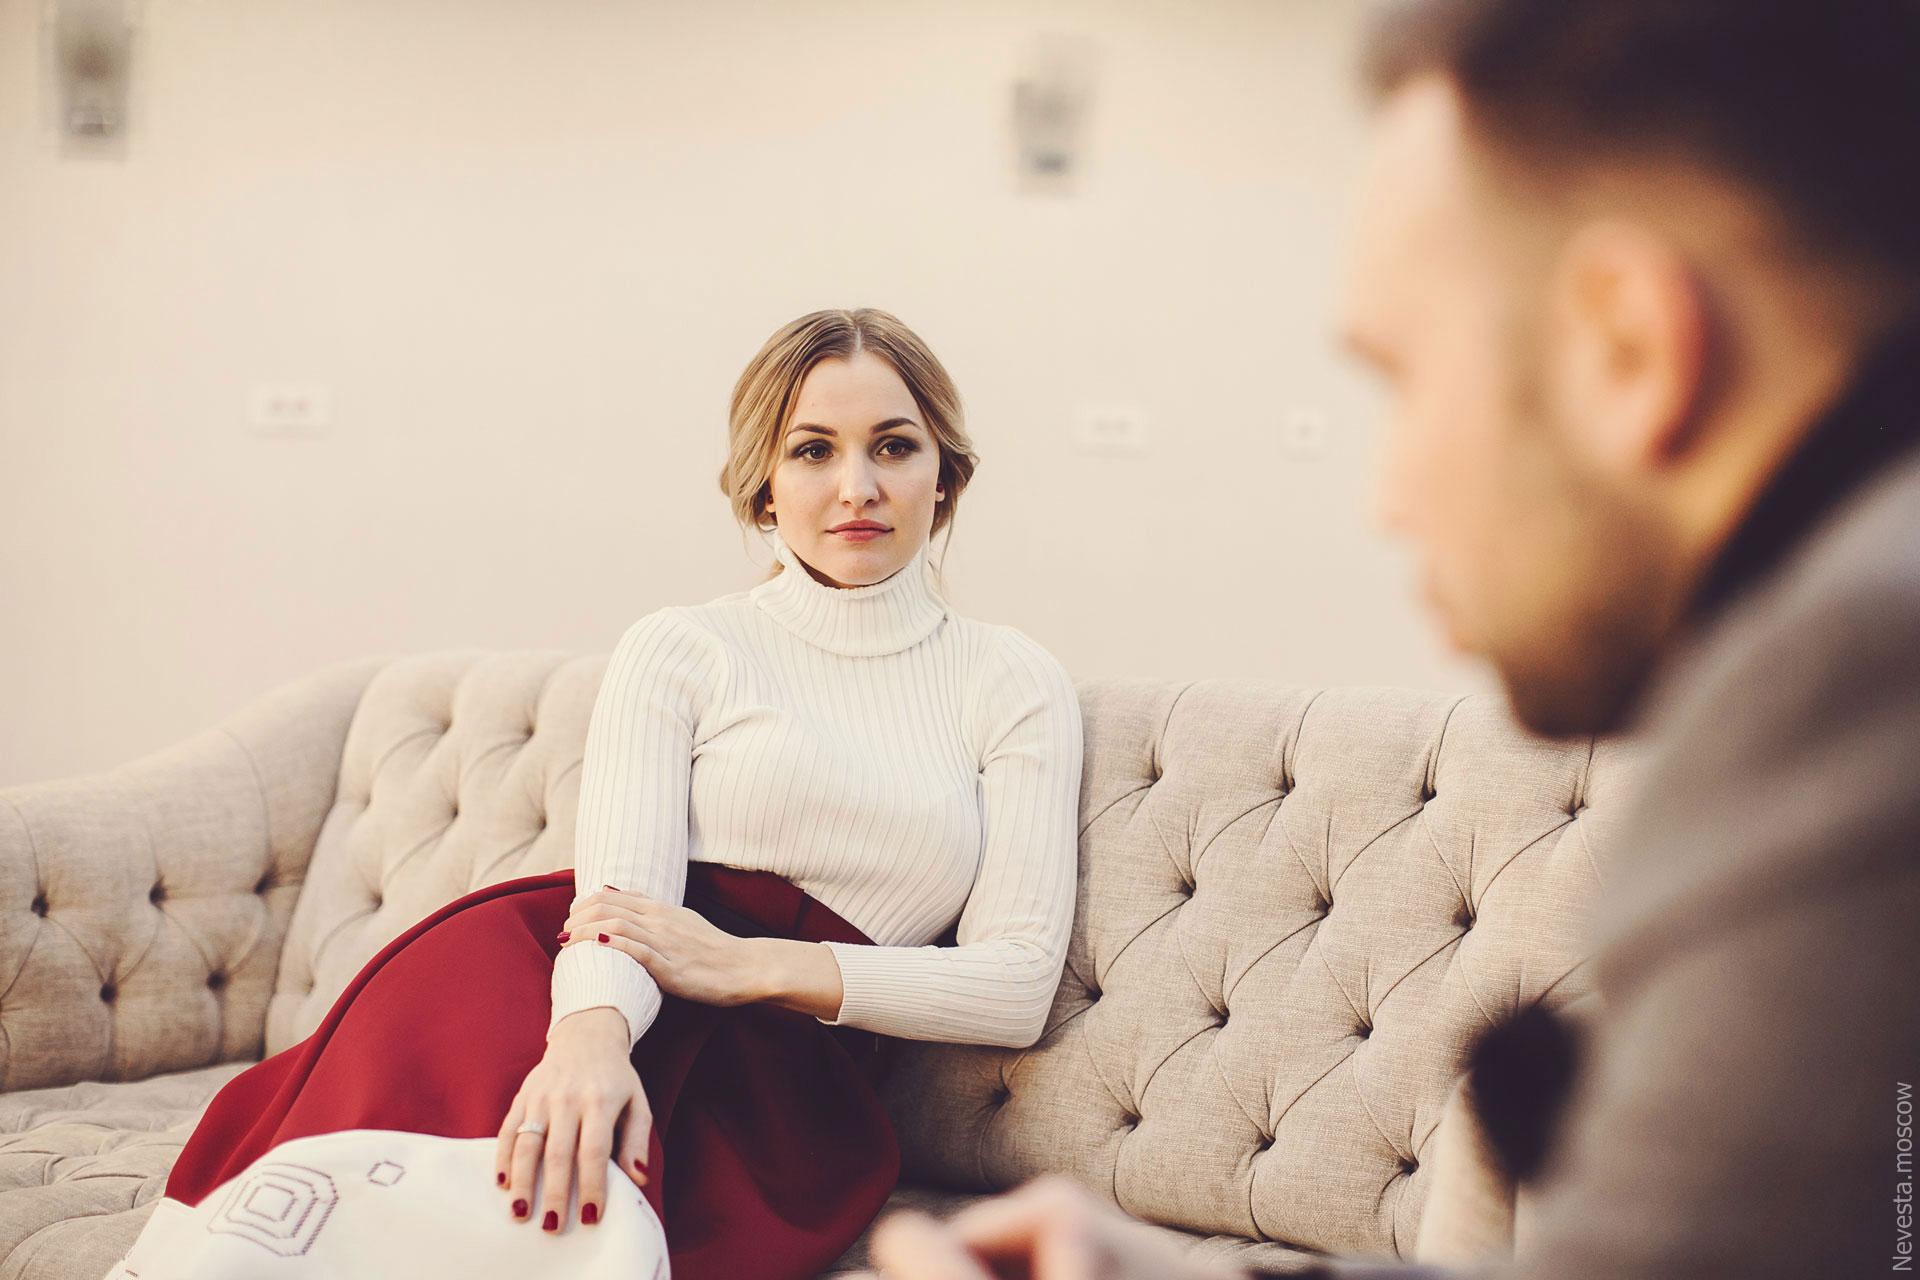 Интервью с Top15 Moscow Анна Городжая фото 7